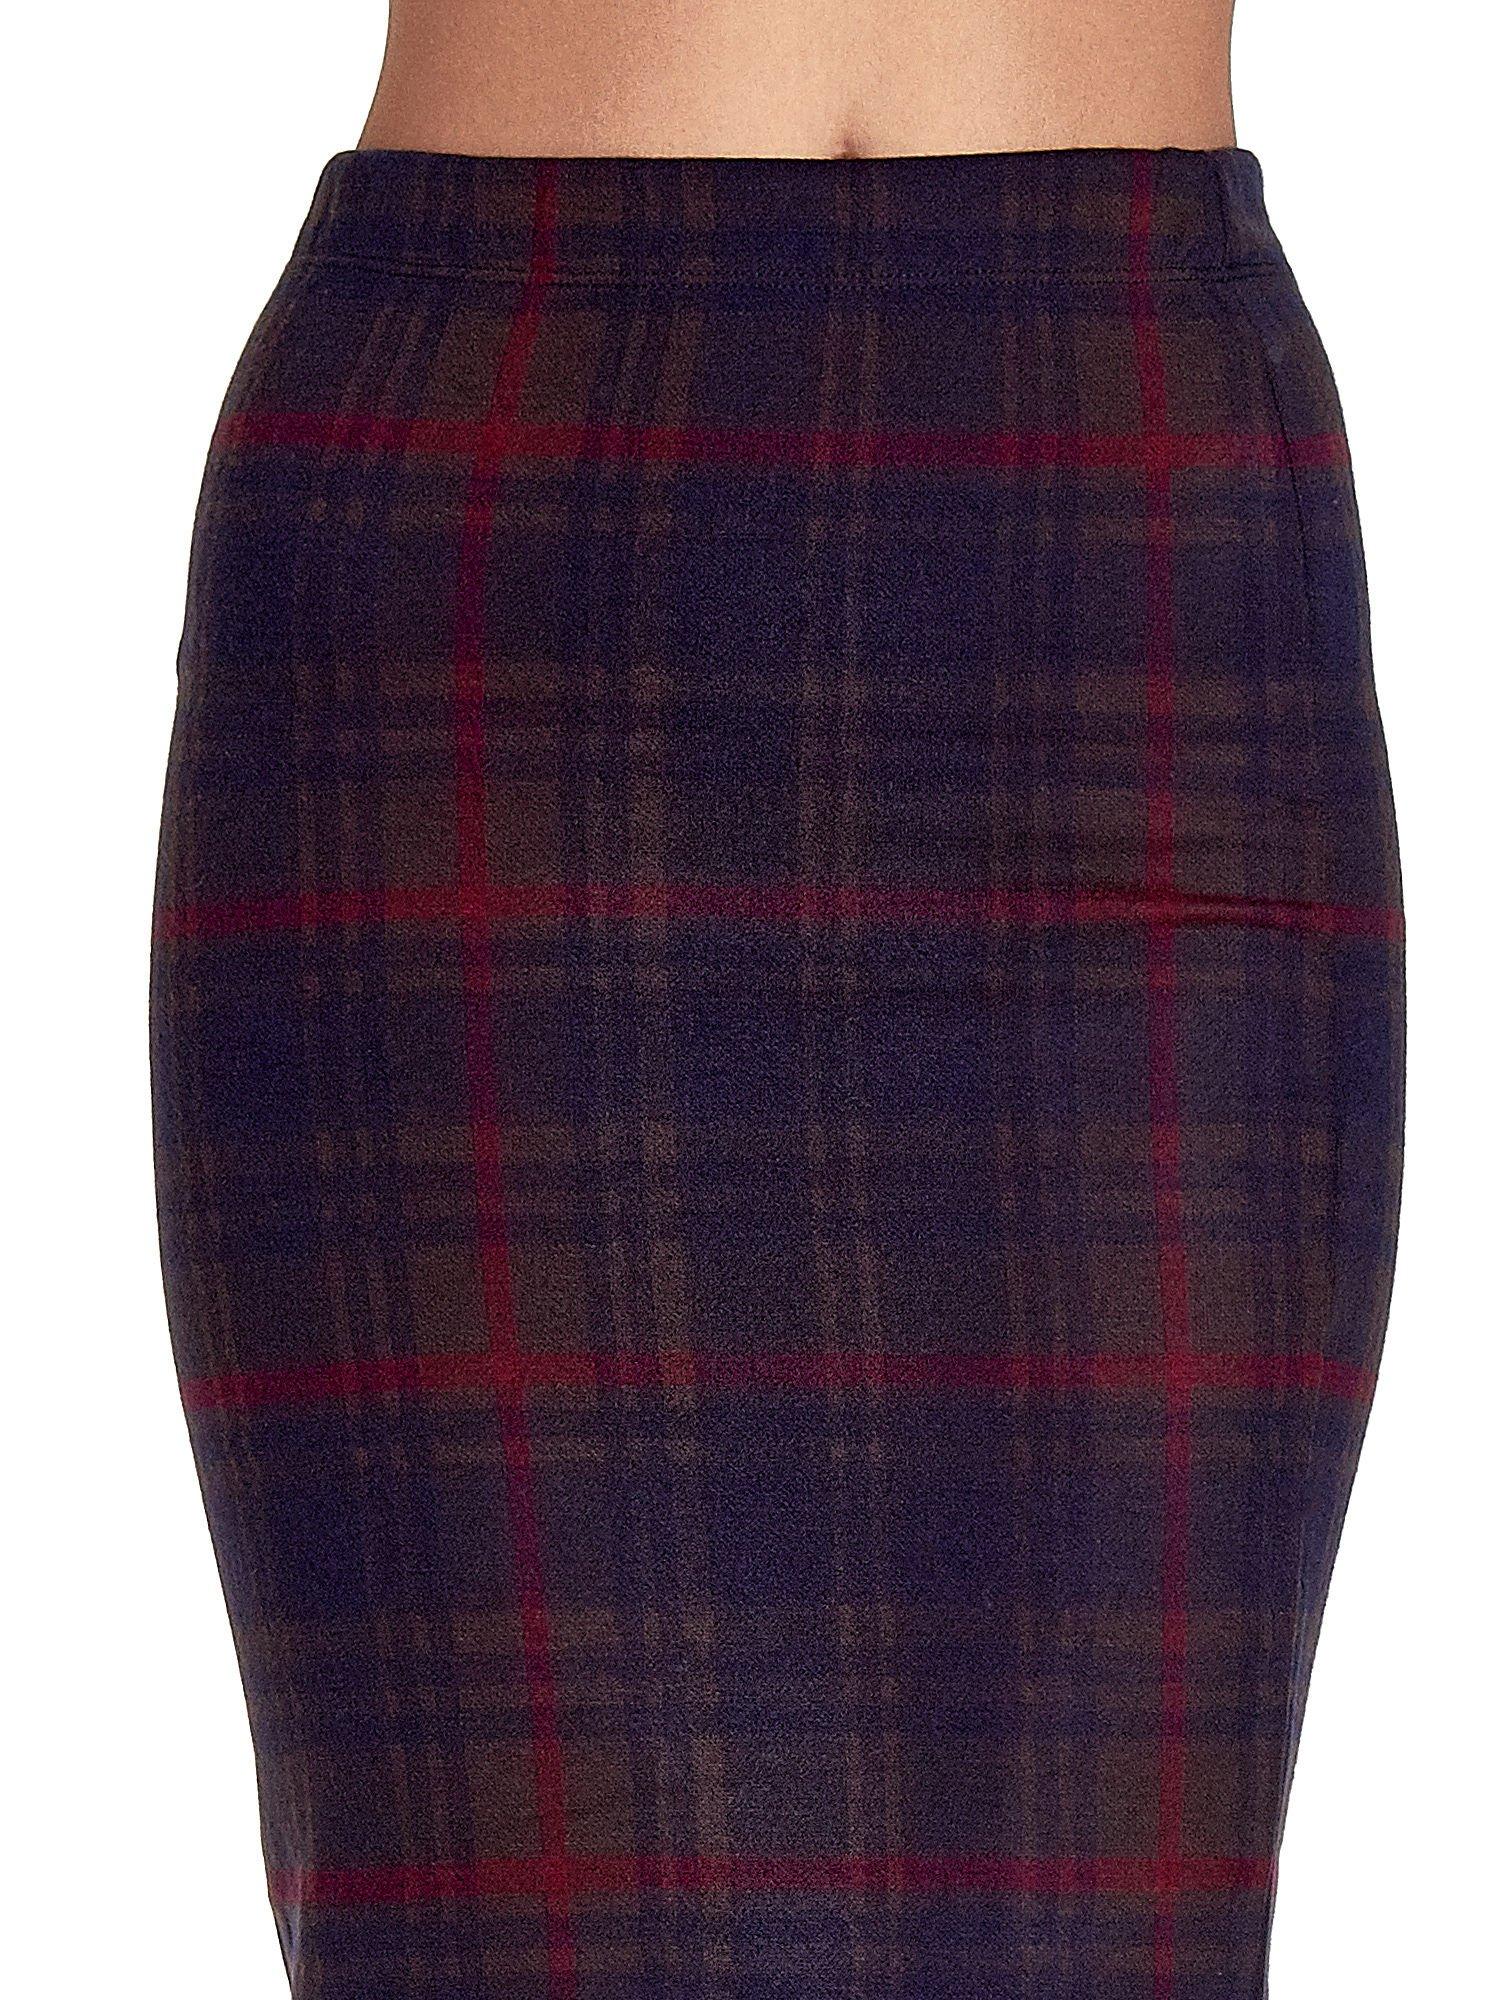 Bordowa spódnica ołówkowa w kratę                                  zdj.                                  5